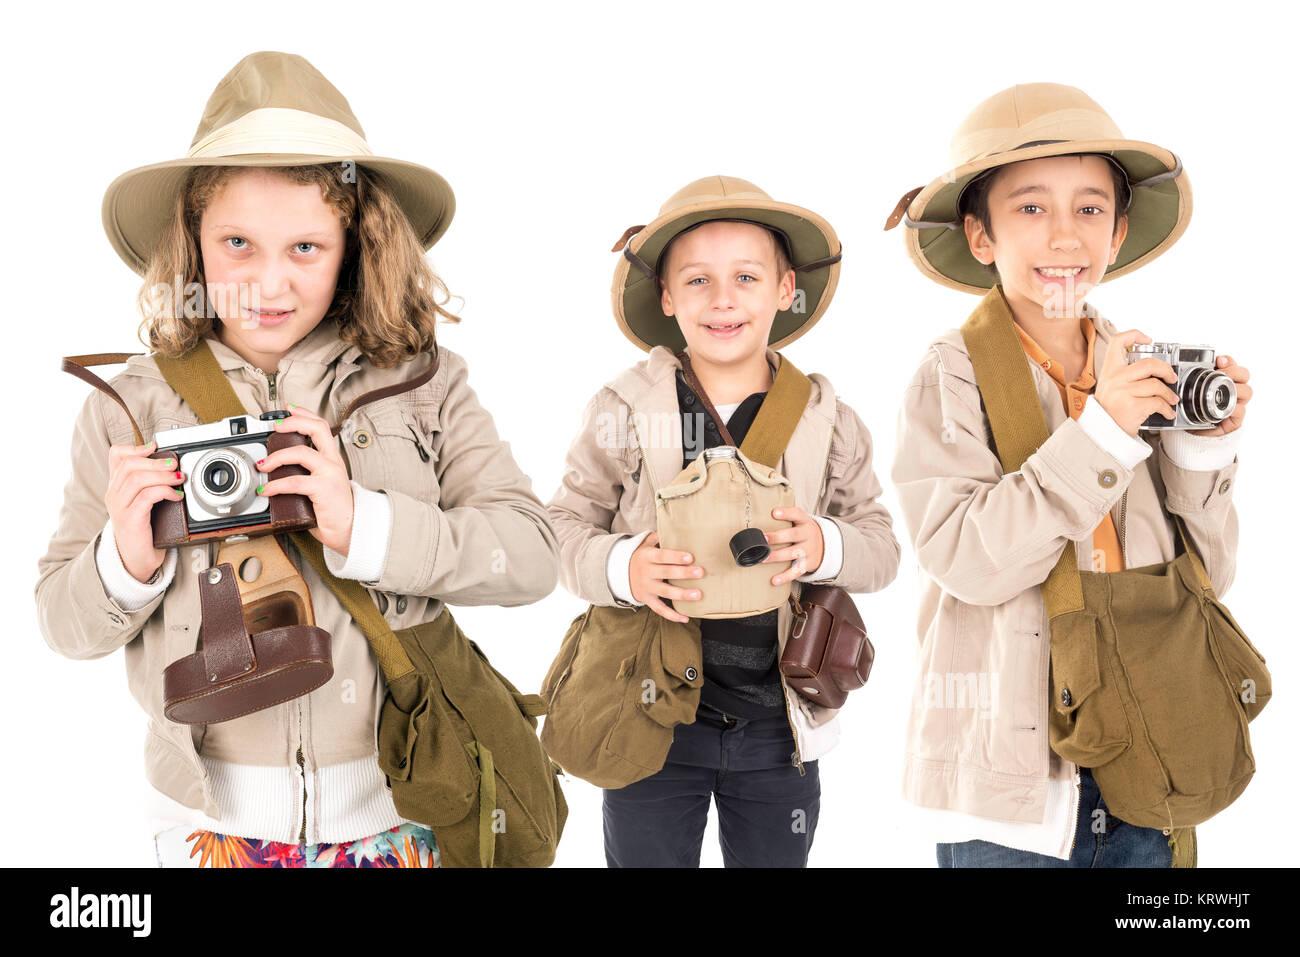 Safari clothes for ladies